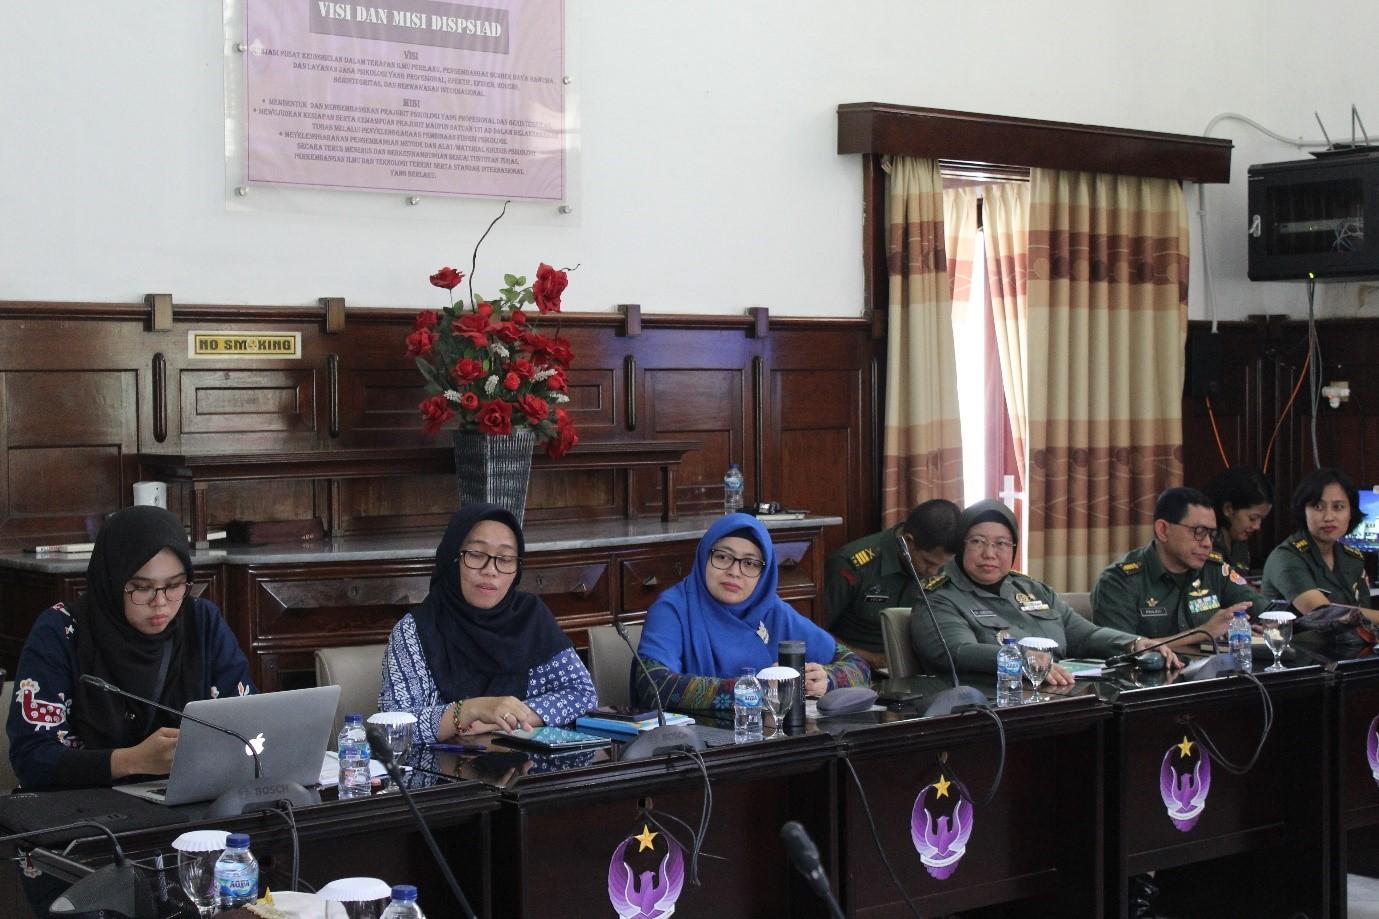 KERJASAMA ANTARA DISPSIAD DAN FAKULTAS PSIKOLOGI UNIVERSITAS INDONESIA (UI)